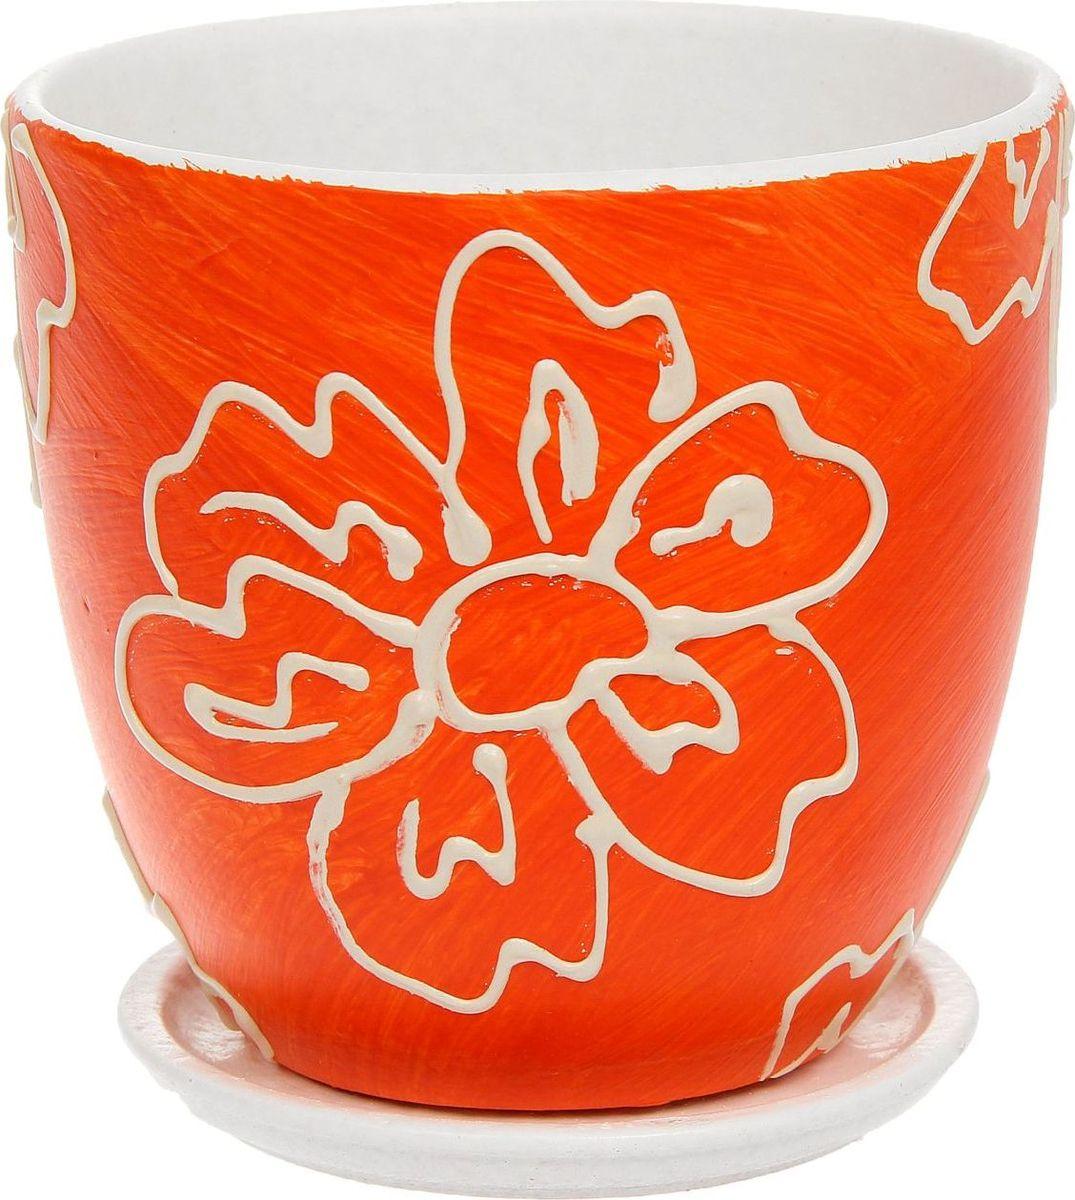 Кашпо Оранж, 0,8 л1138662Комнатные растения — всеобщие любимцы. Они радуют глаз, насыщают помещение кислородом и украшают пространство. Каждому из них необходим свой удобный и красивый дом. Кашпо из керамики прекрасно подходят для высадки растений: за счёт пластичности глины и разных способов обработки существует великое множество форм и дизайновпористый материал позволяет испаряться лишней влагевоздух, необходимый для дыхания корней, проникает сквозь керамические стенки! #name# позаботится о зелёном питомце, освежит интерьер и подчеркнёт его стиль.